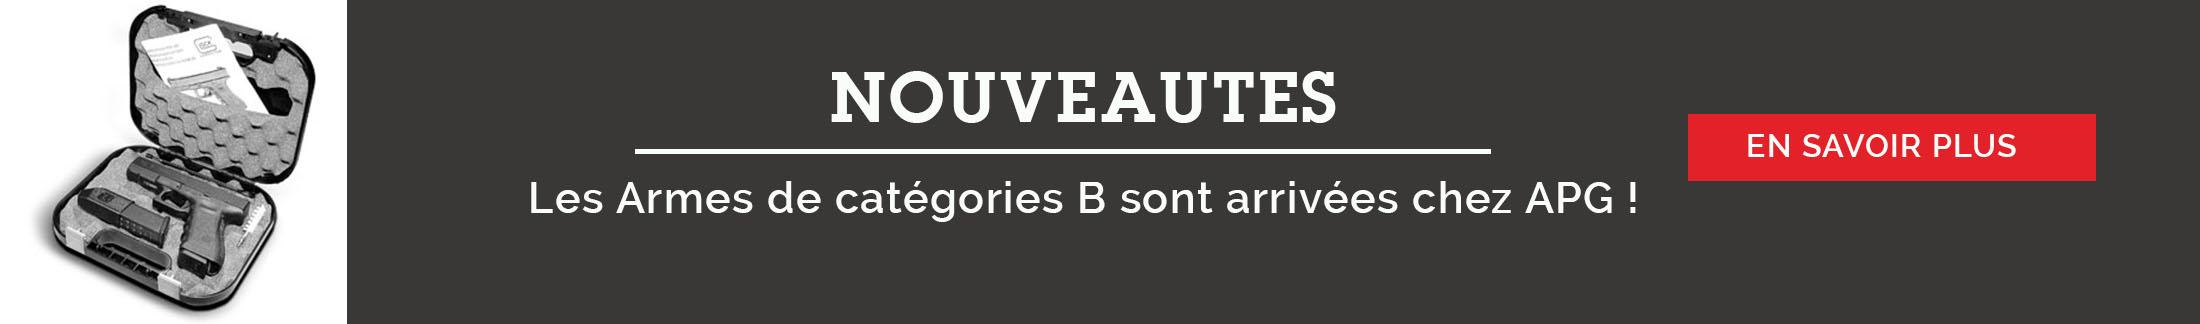 slider-accueil_1b